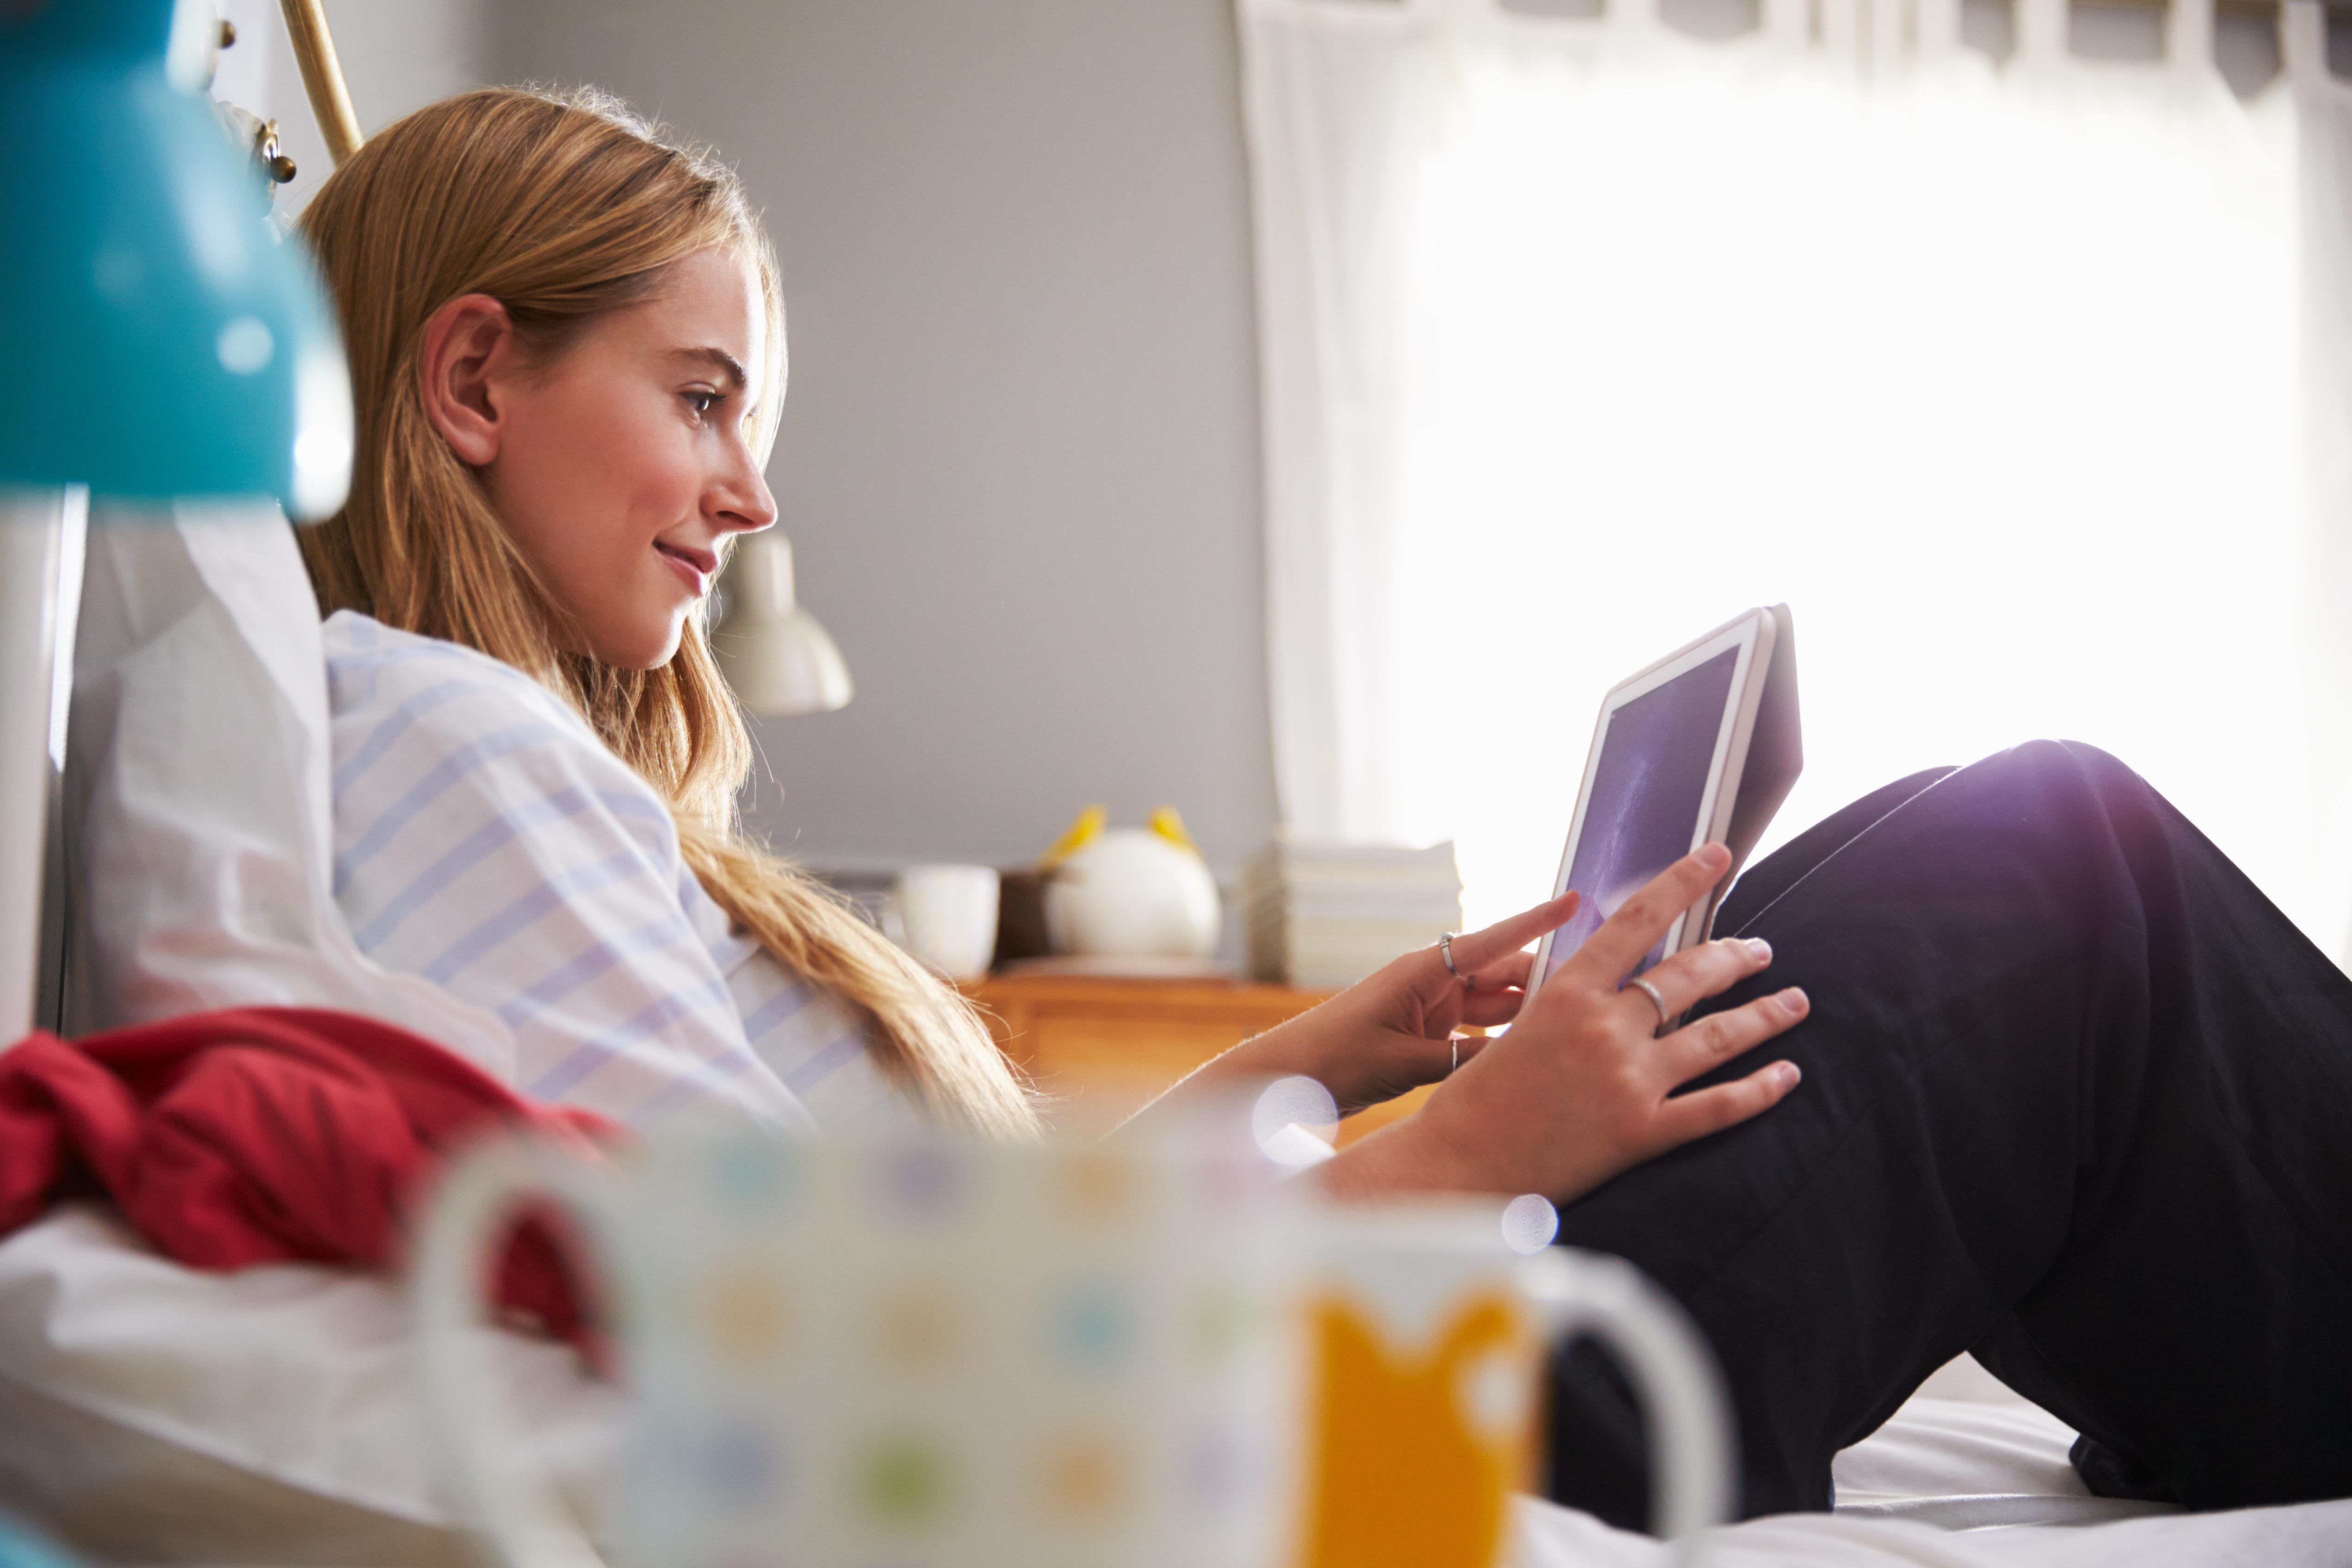 Att välja bort studier och familj och vänner kan vara tecken på internetmissbruk, något som kan börja sakta för att sedan eskalera.